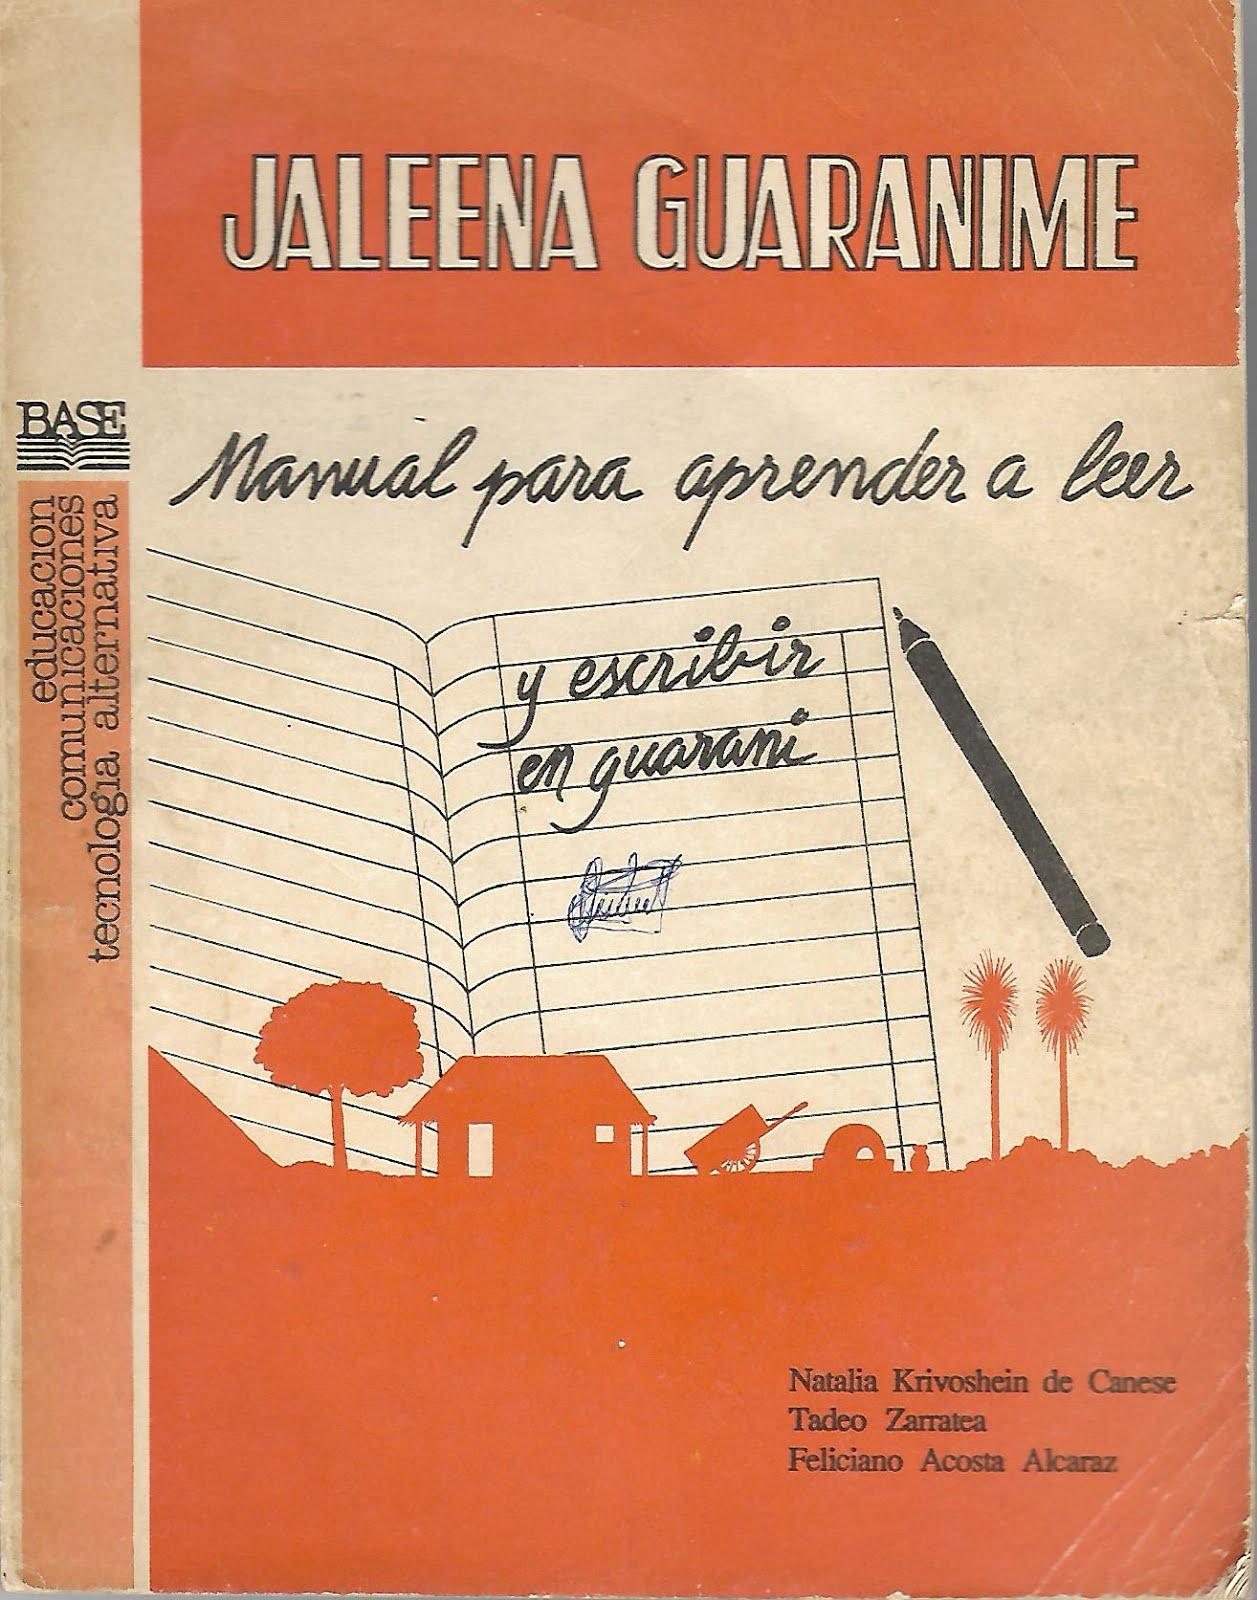 Jaleena Guaranime